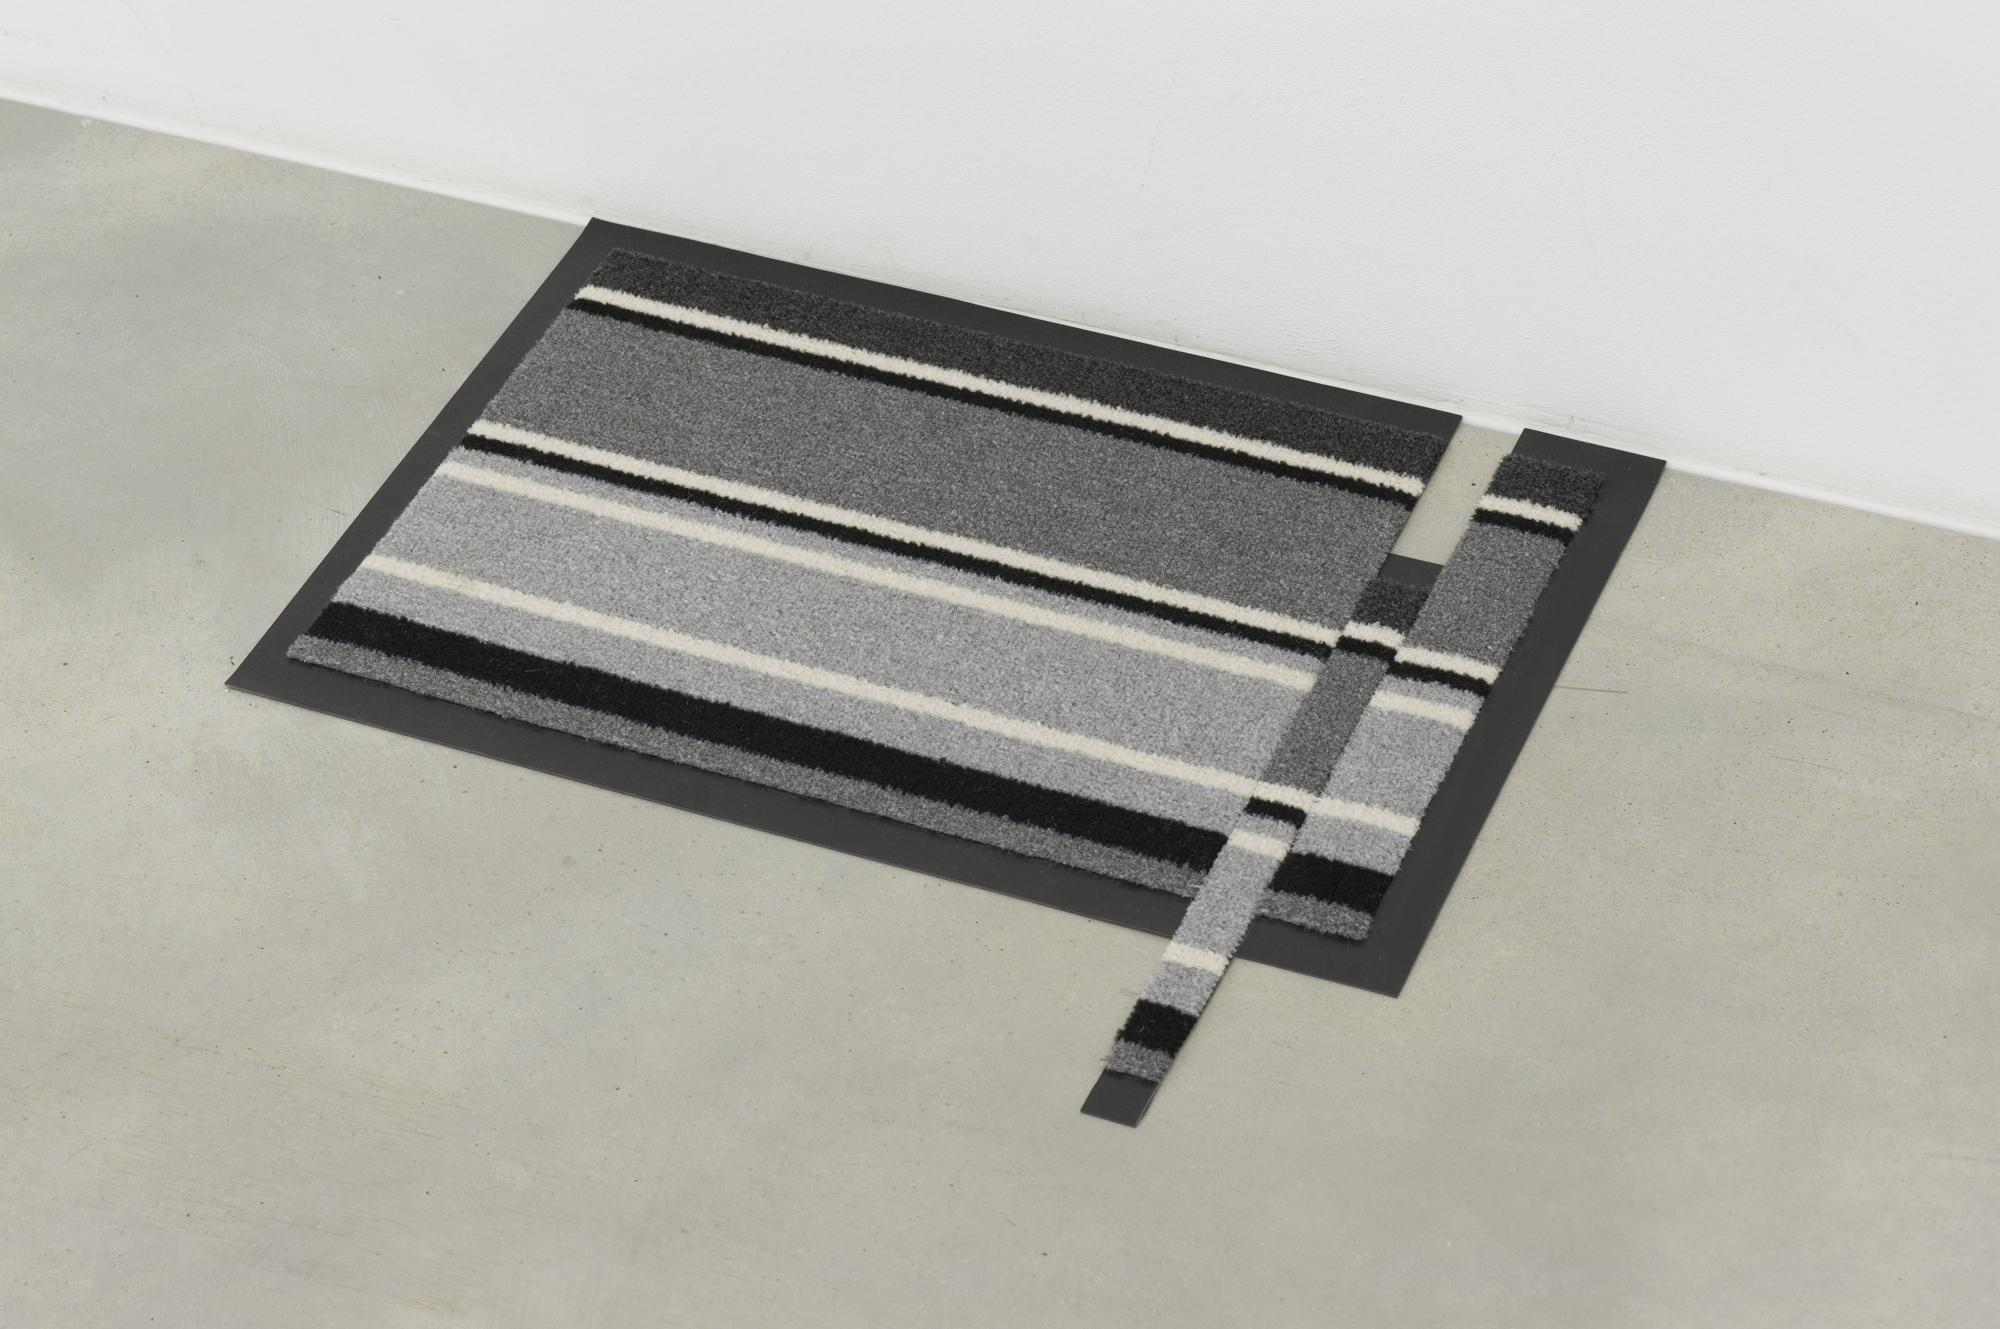 Duración interna, carpet, 51 x 59 cm, 2015